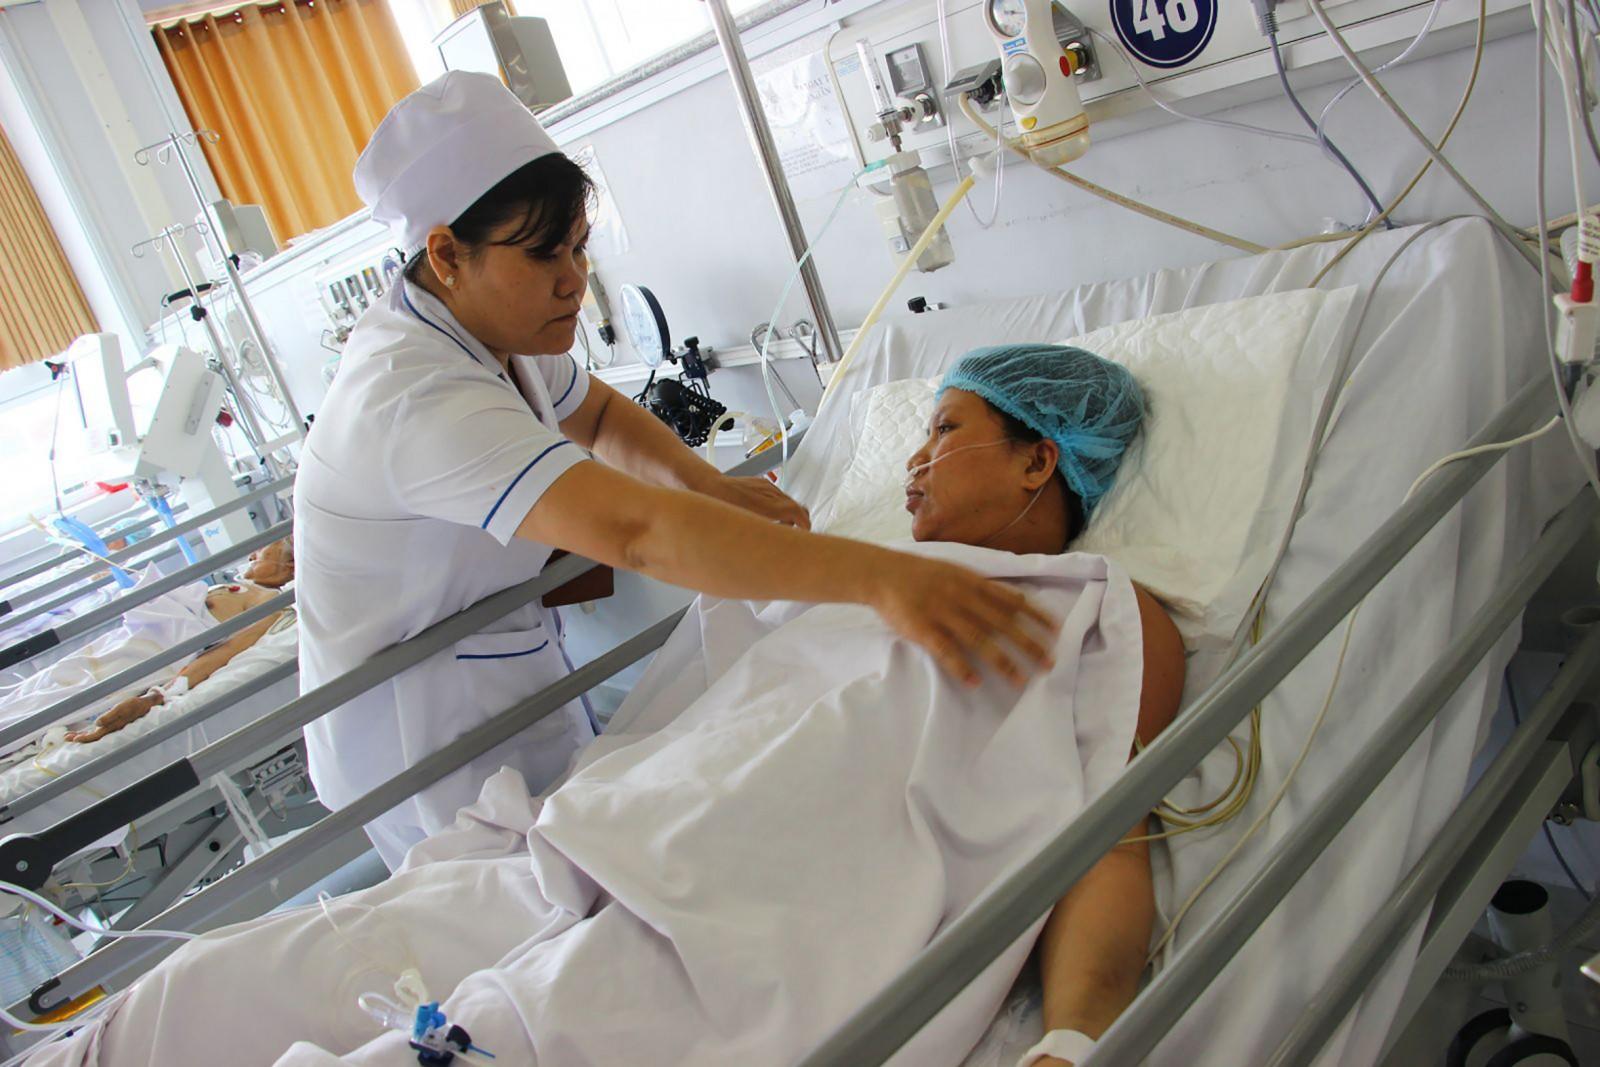 Cán bộ y tế Khoa Hồi sức tích cực chống độc chăm sóc bệnh nhân sau phẫu thuật. Ảnh: THU SƯƠNG